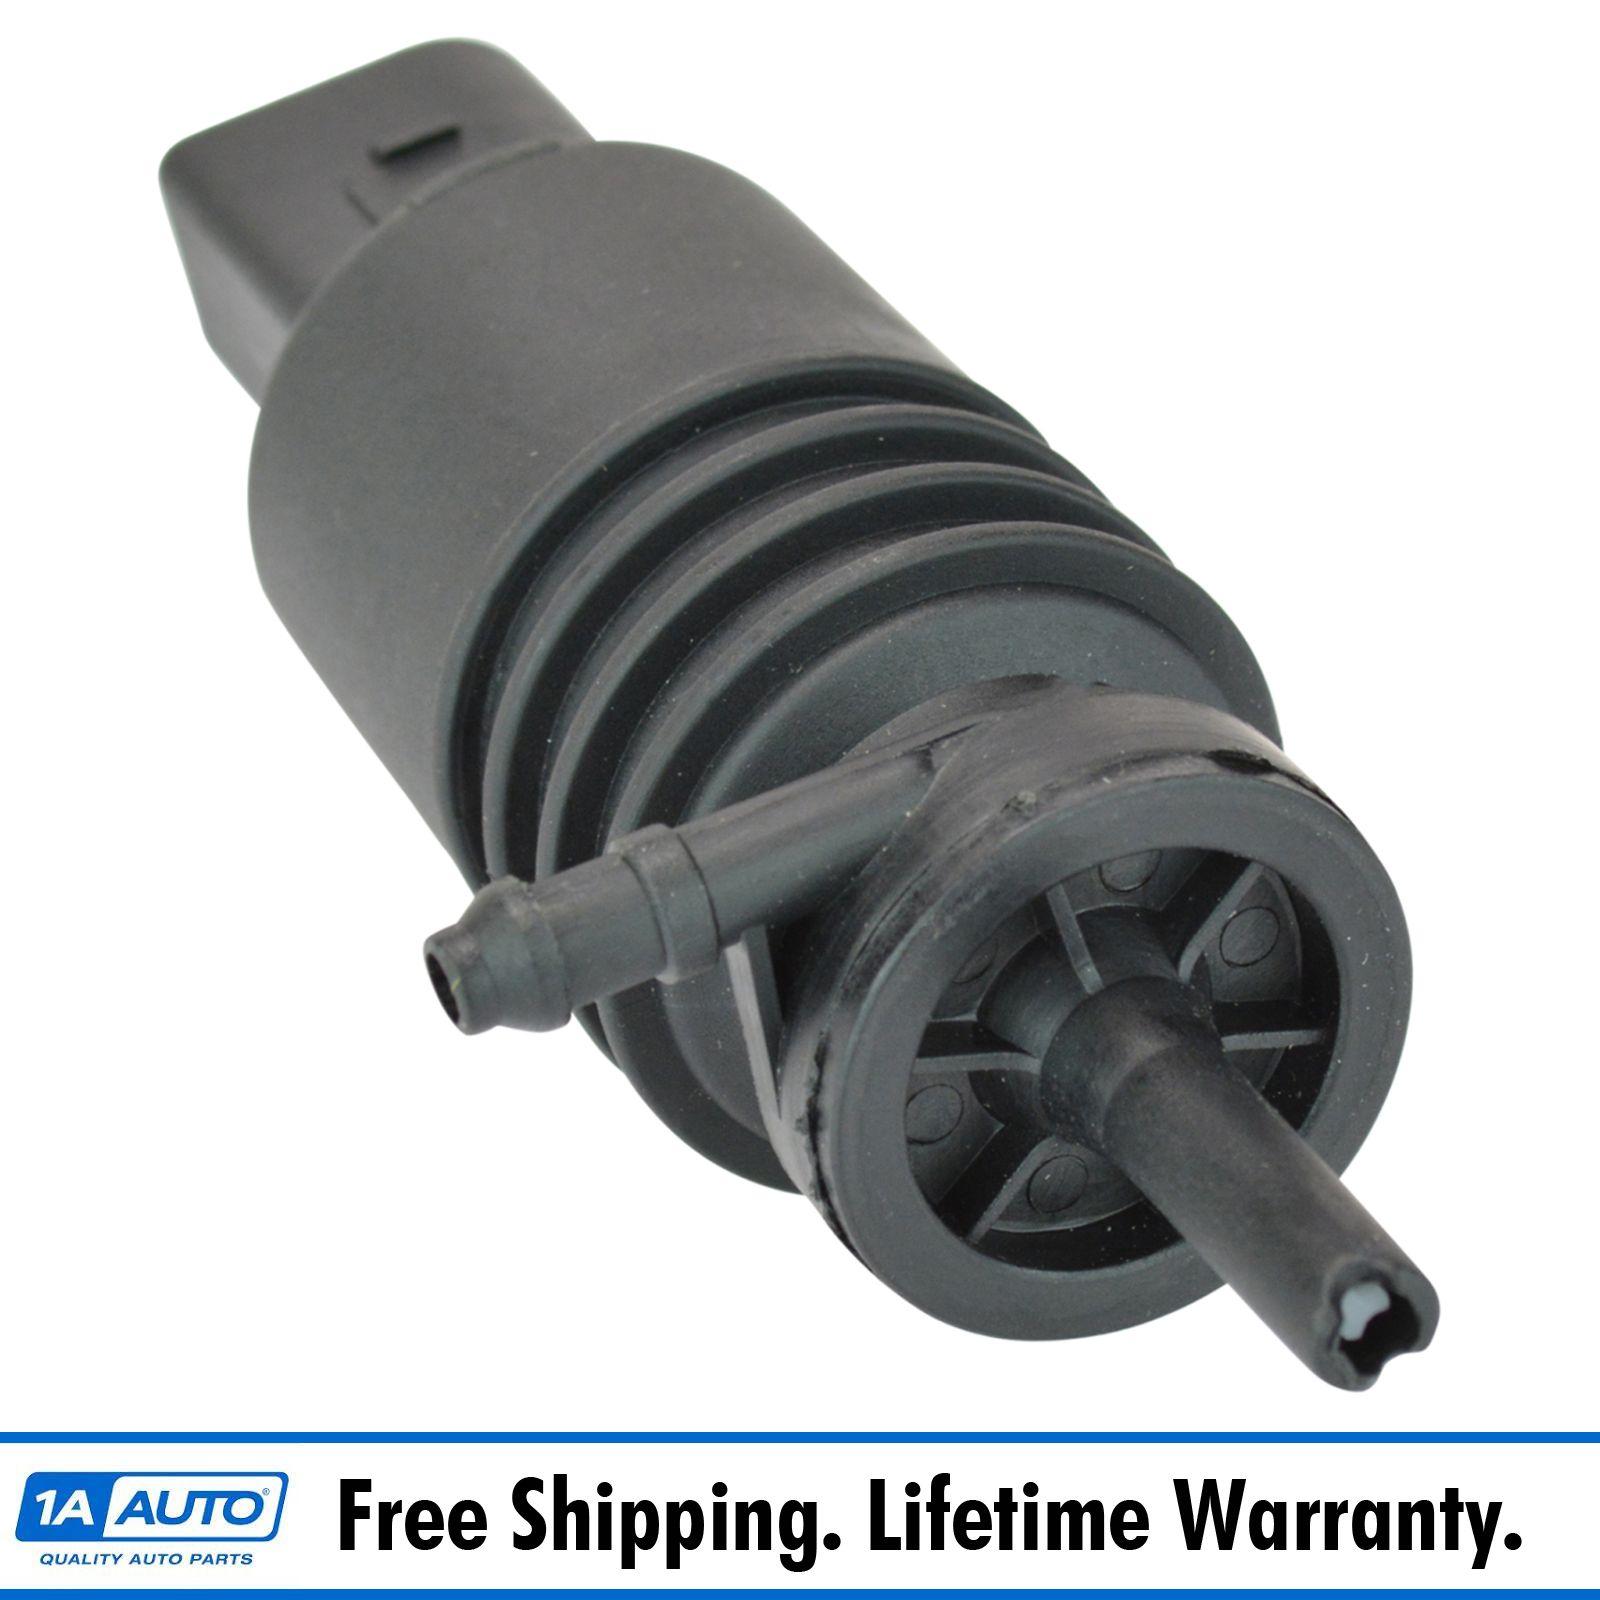 External Fuel Pump Fits MERCEDES BENZ S320 S420 S430 S500 S55 AMG S600 SL320